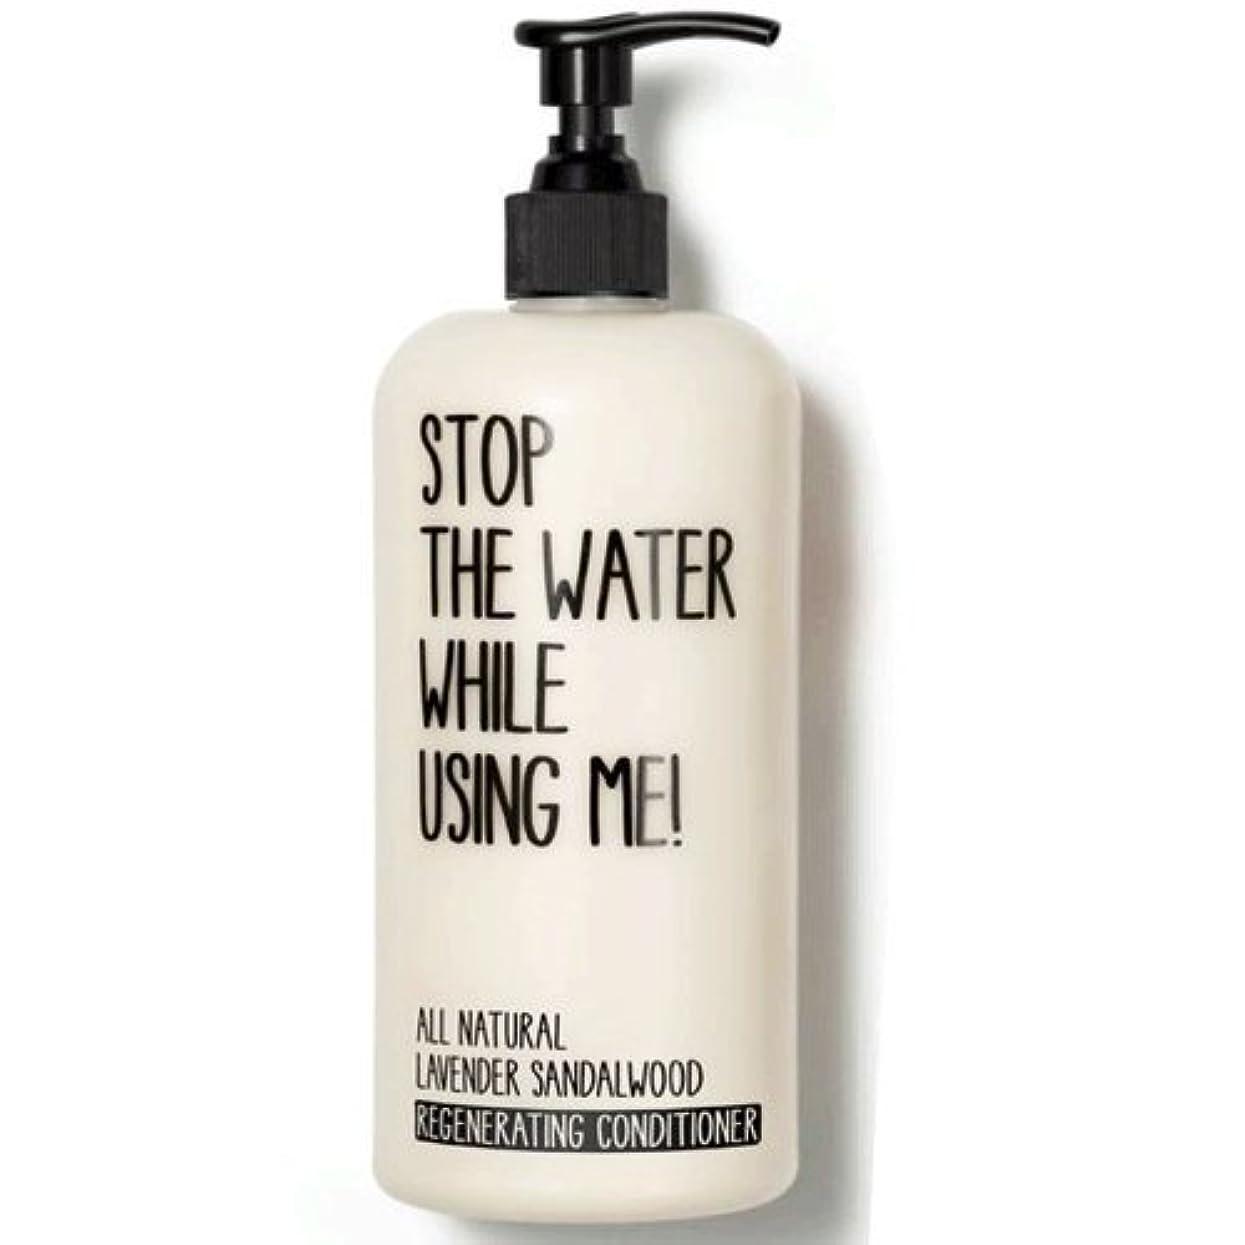 お香書士彫刻【STOP THE WATER WHILE USING ME!】L&Sコンディショナー (ラベンダー&サンダルウッド) 500ml [並行輸入品]